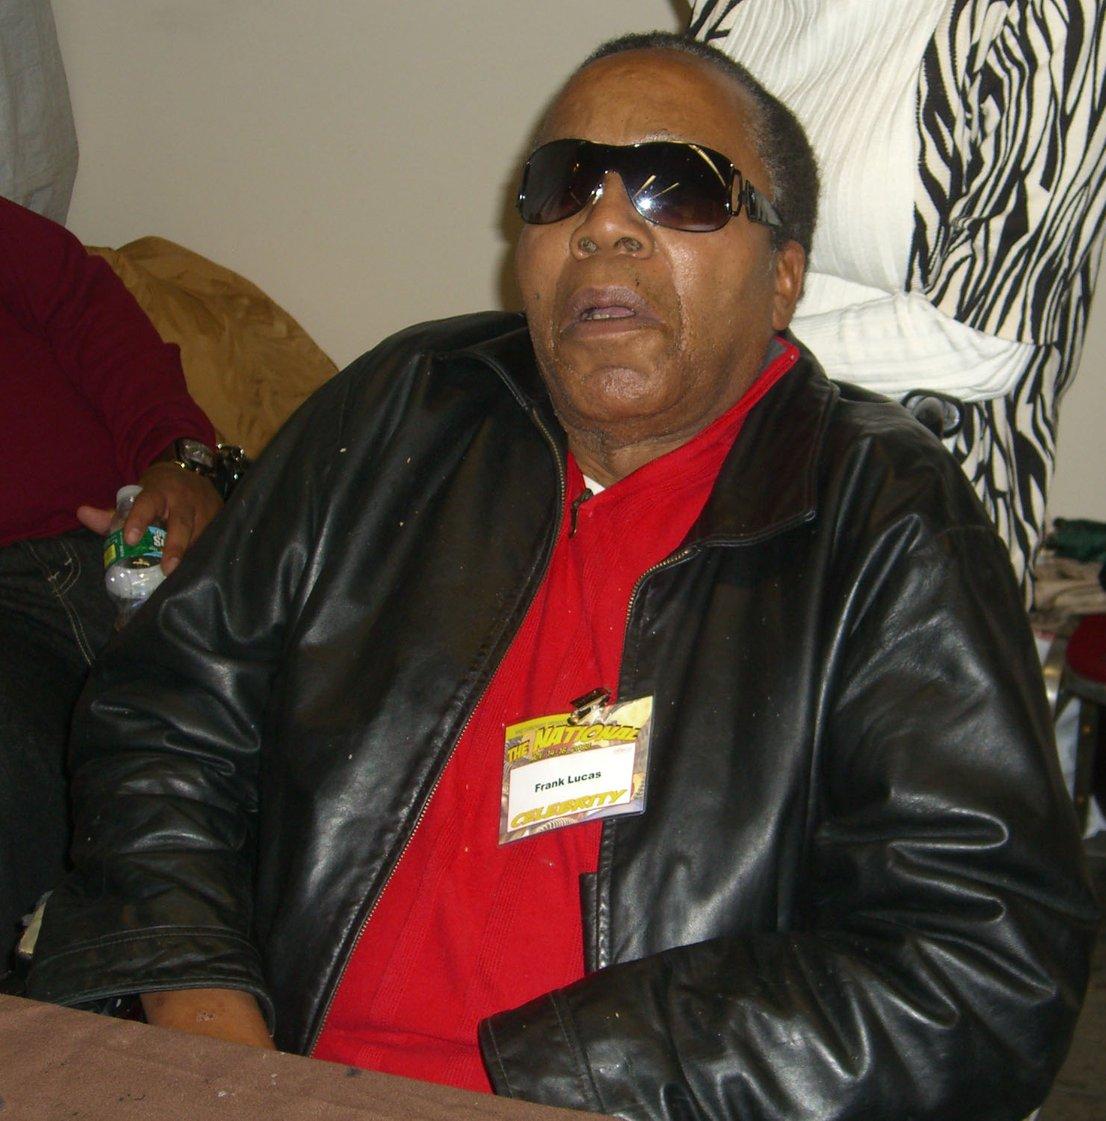 Frank Lucas je bil eden največjih mamilarskih kraljev v šestdesetih. Imel je navado, da je preprodajal droge brez posrednikov. Droge so on in sodelavci tihotapili v krstah. Po njem je bil osnovan popularni film American Gangster.